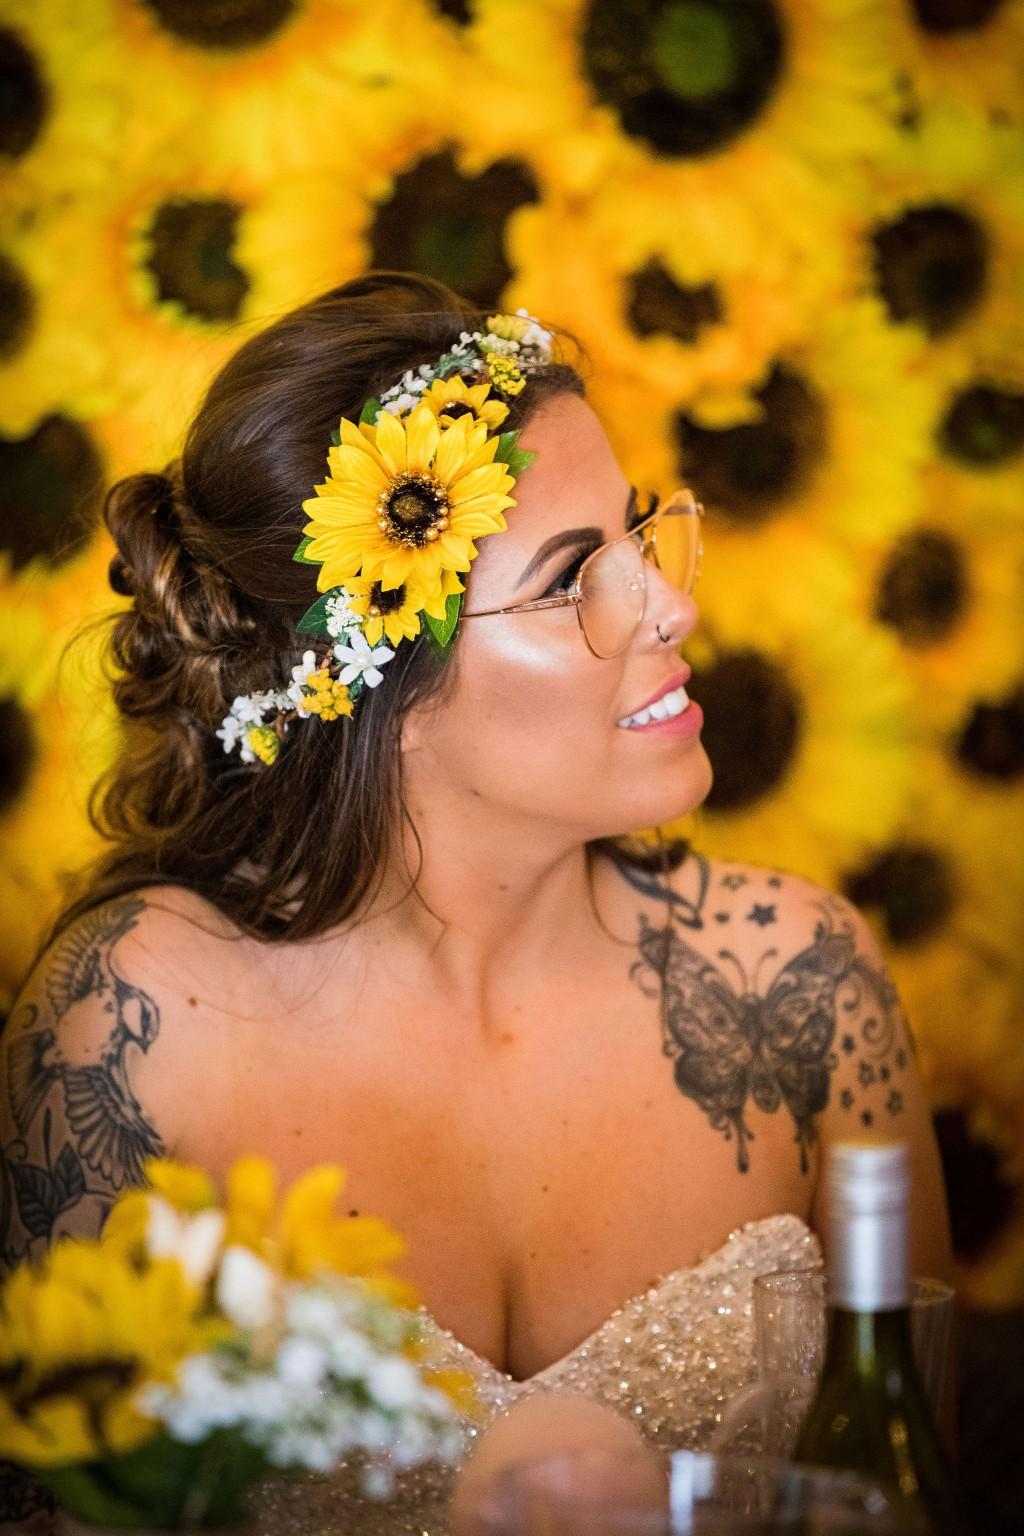 Harriet&Rhys Wedding - Magical sunflower wedding - sunflower bride